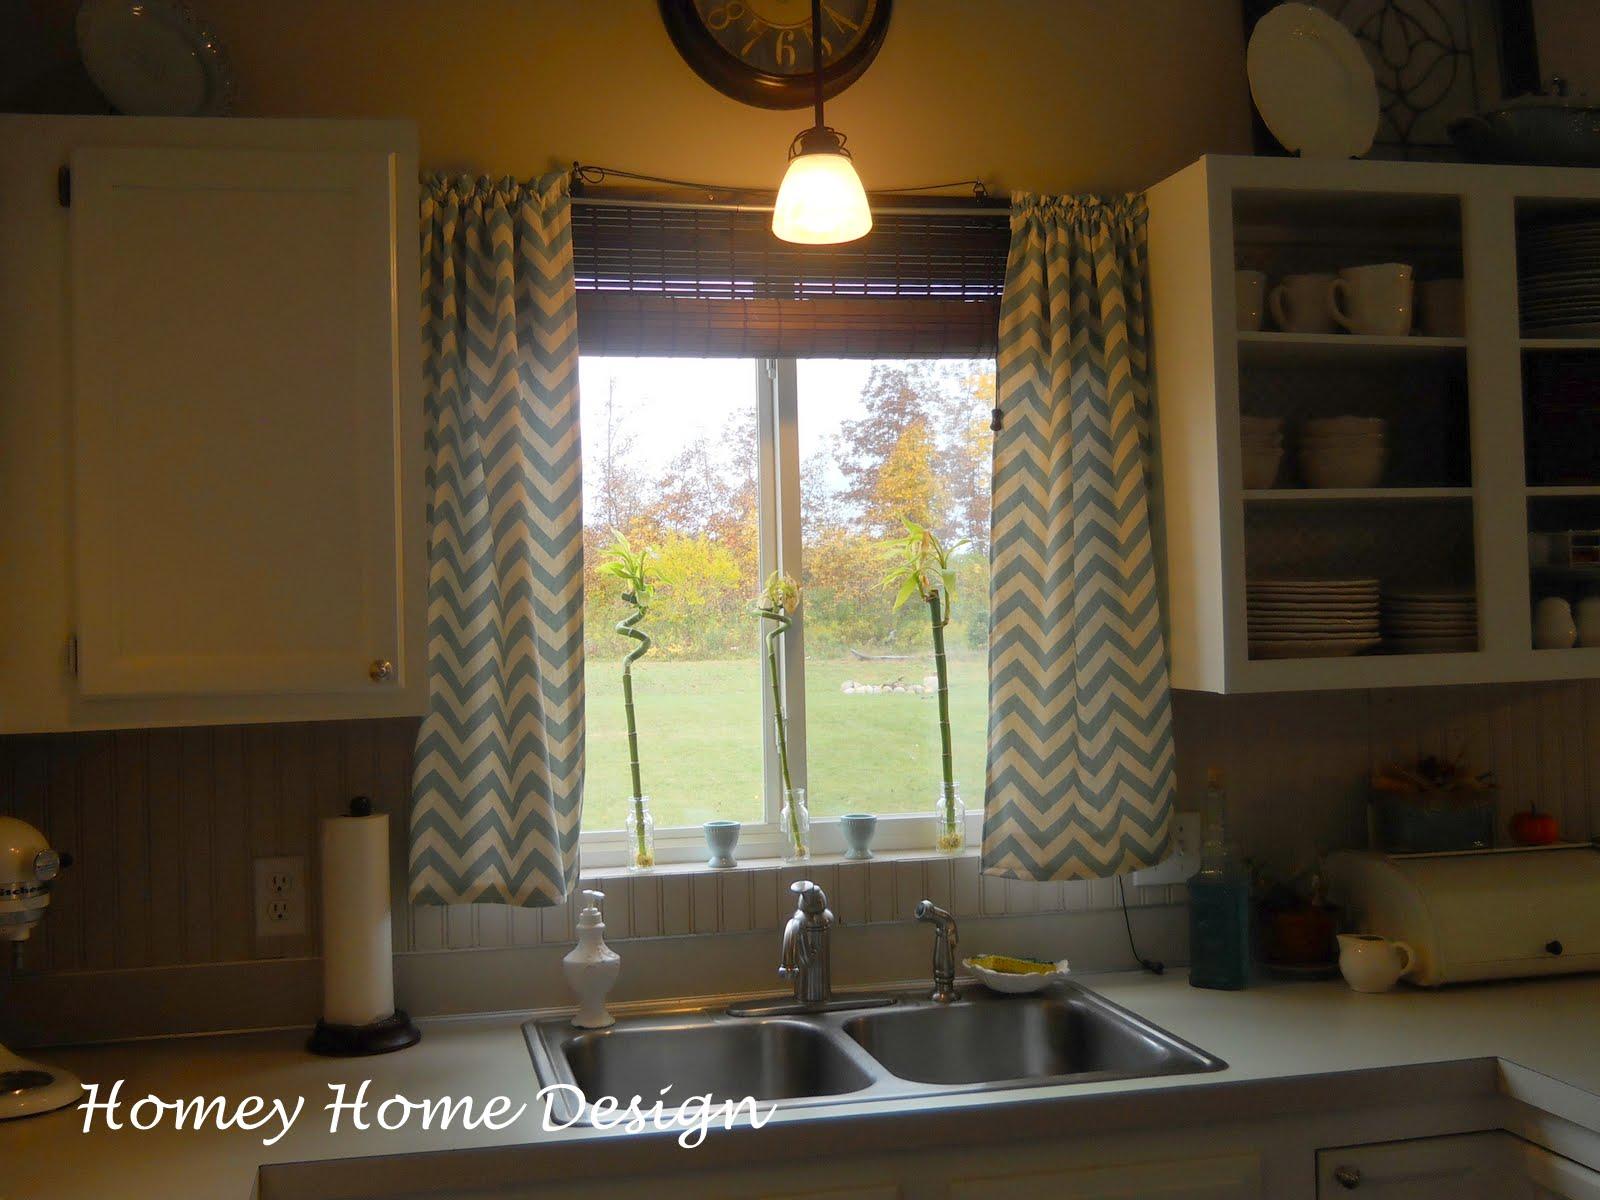 Yellow chevron kitchen curtains - Yellow Chevron Kitchen Curtains